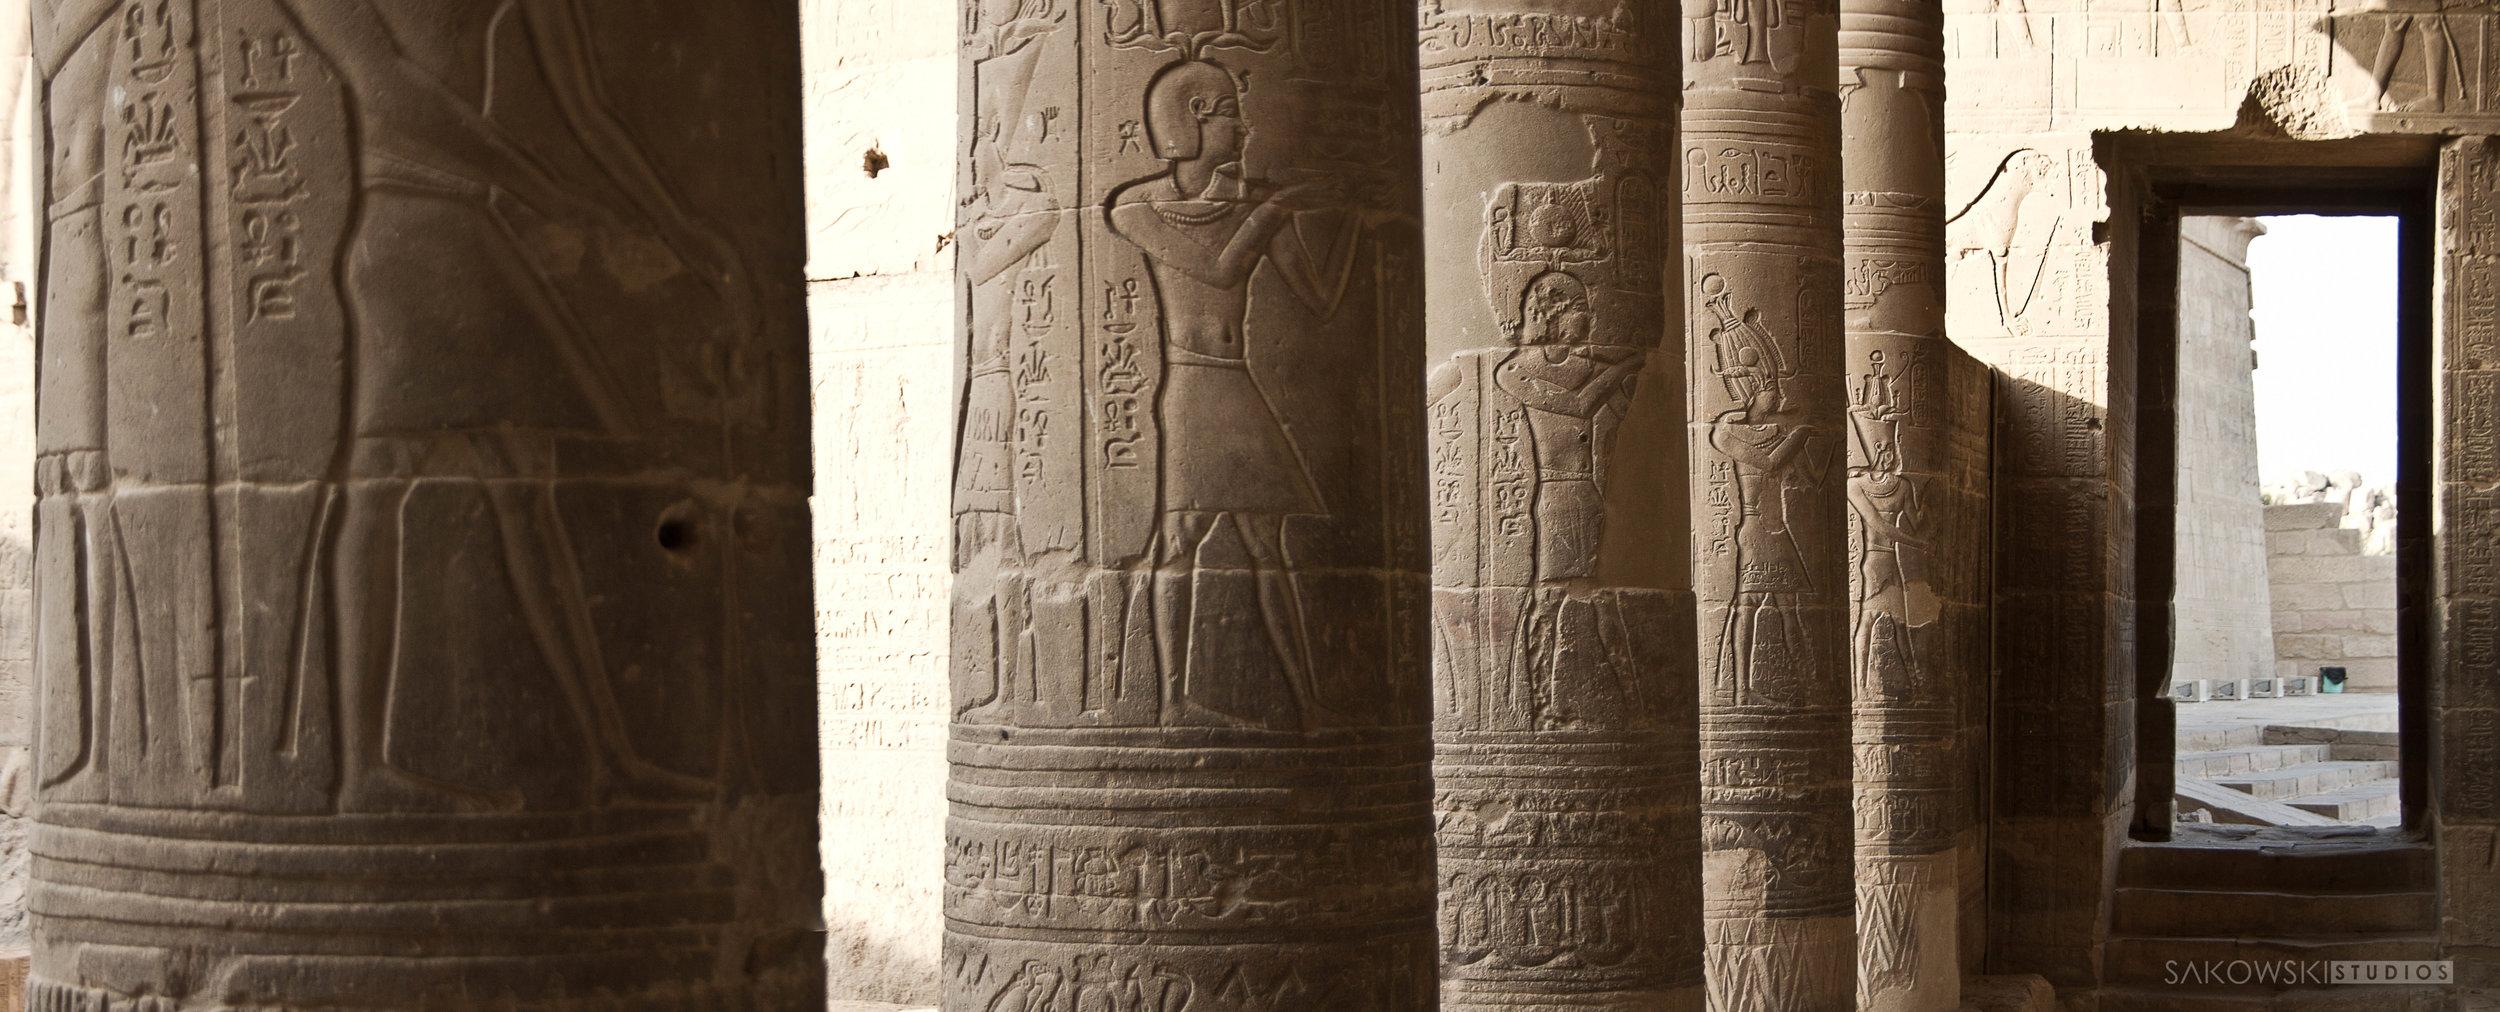 Sakowski_Egypt_04.jpg